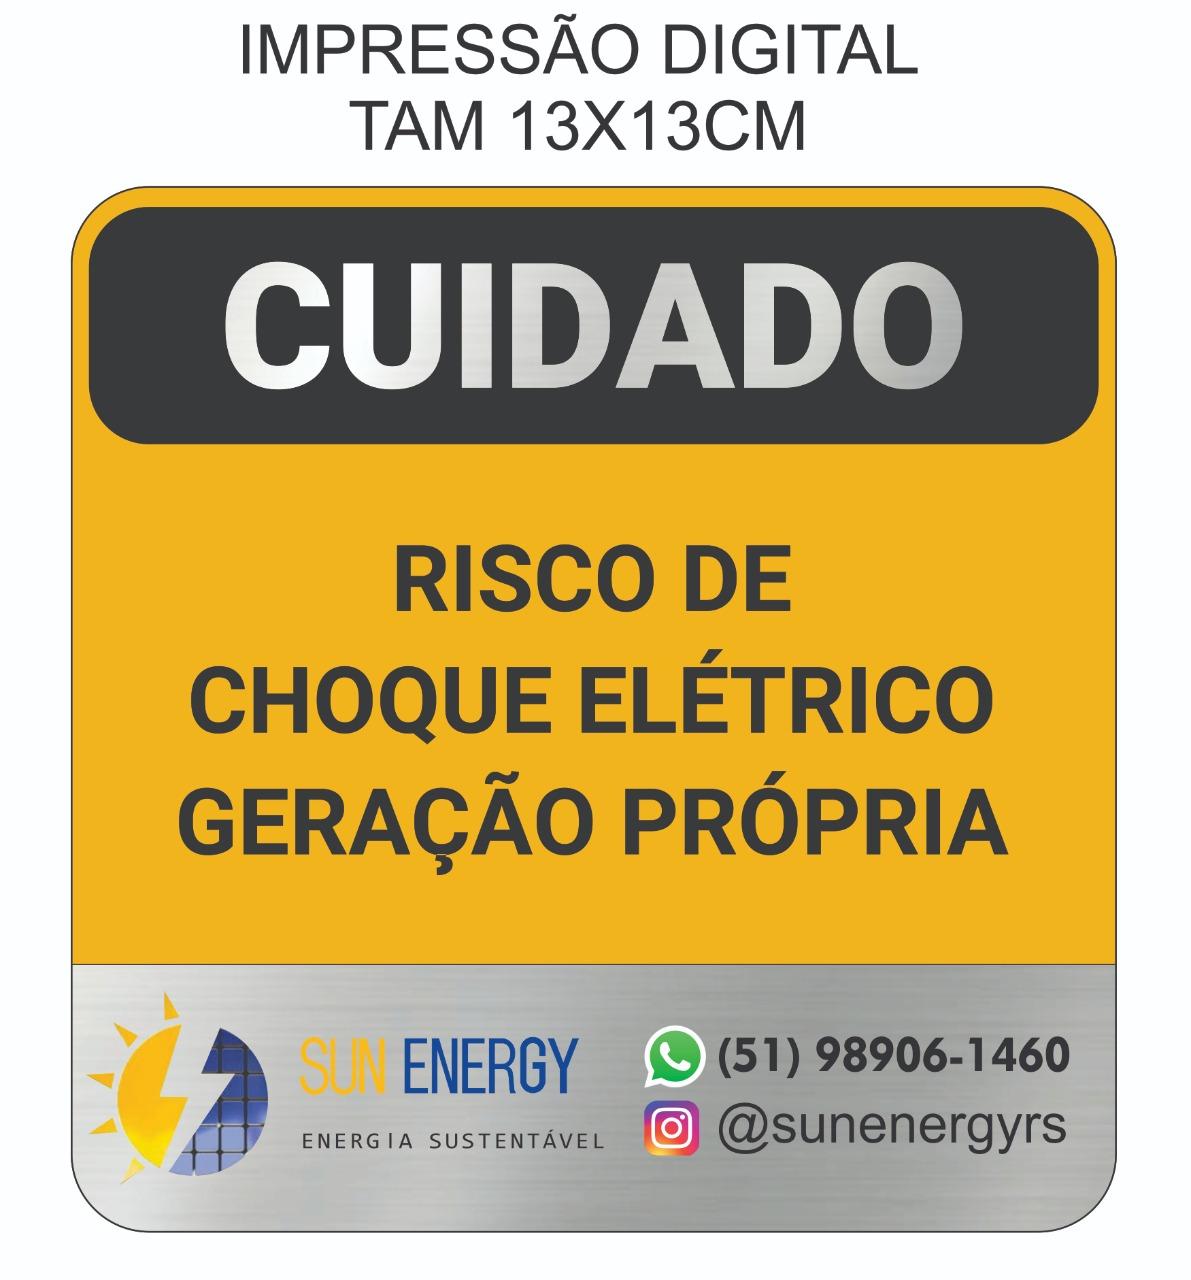 Placa Cuidado - Geração Própria  - Padrão CPFL Tamanho 13x13  Personalizada c/ Logo - Impressão Digital - 50un